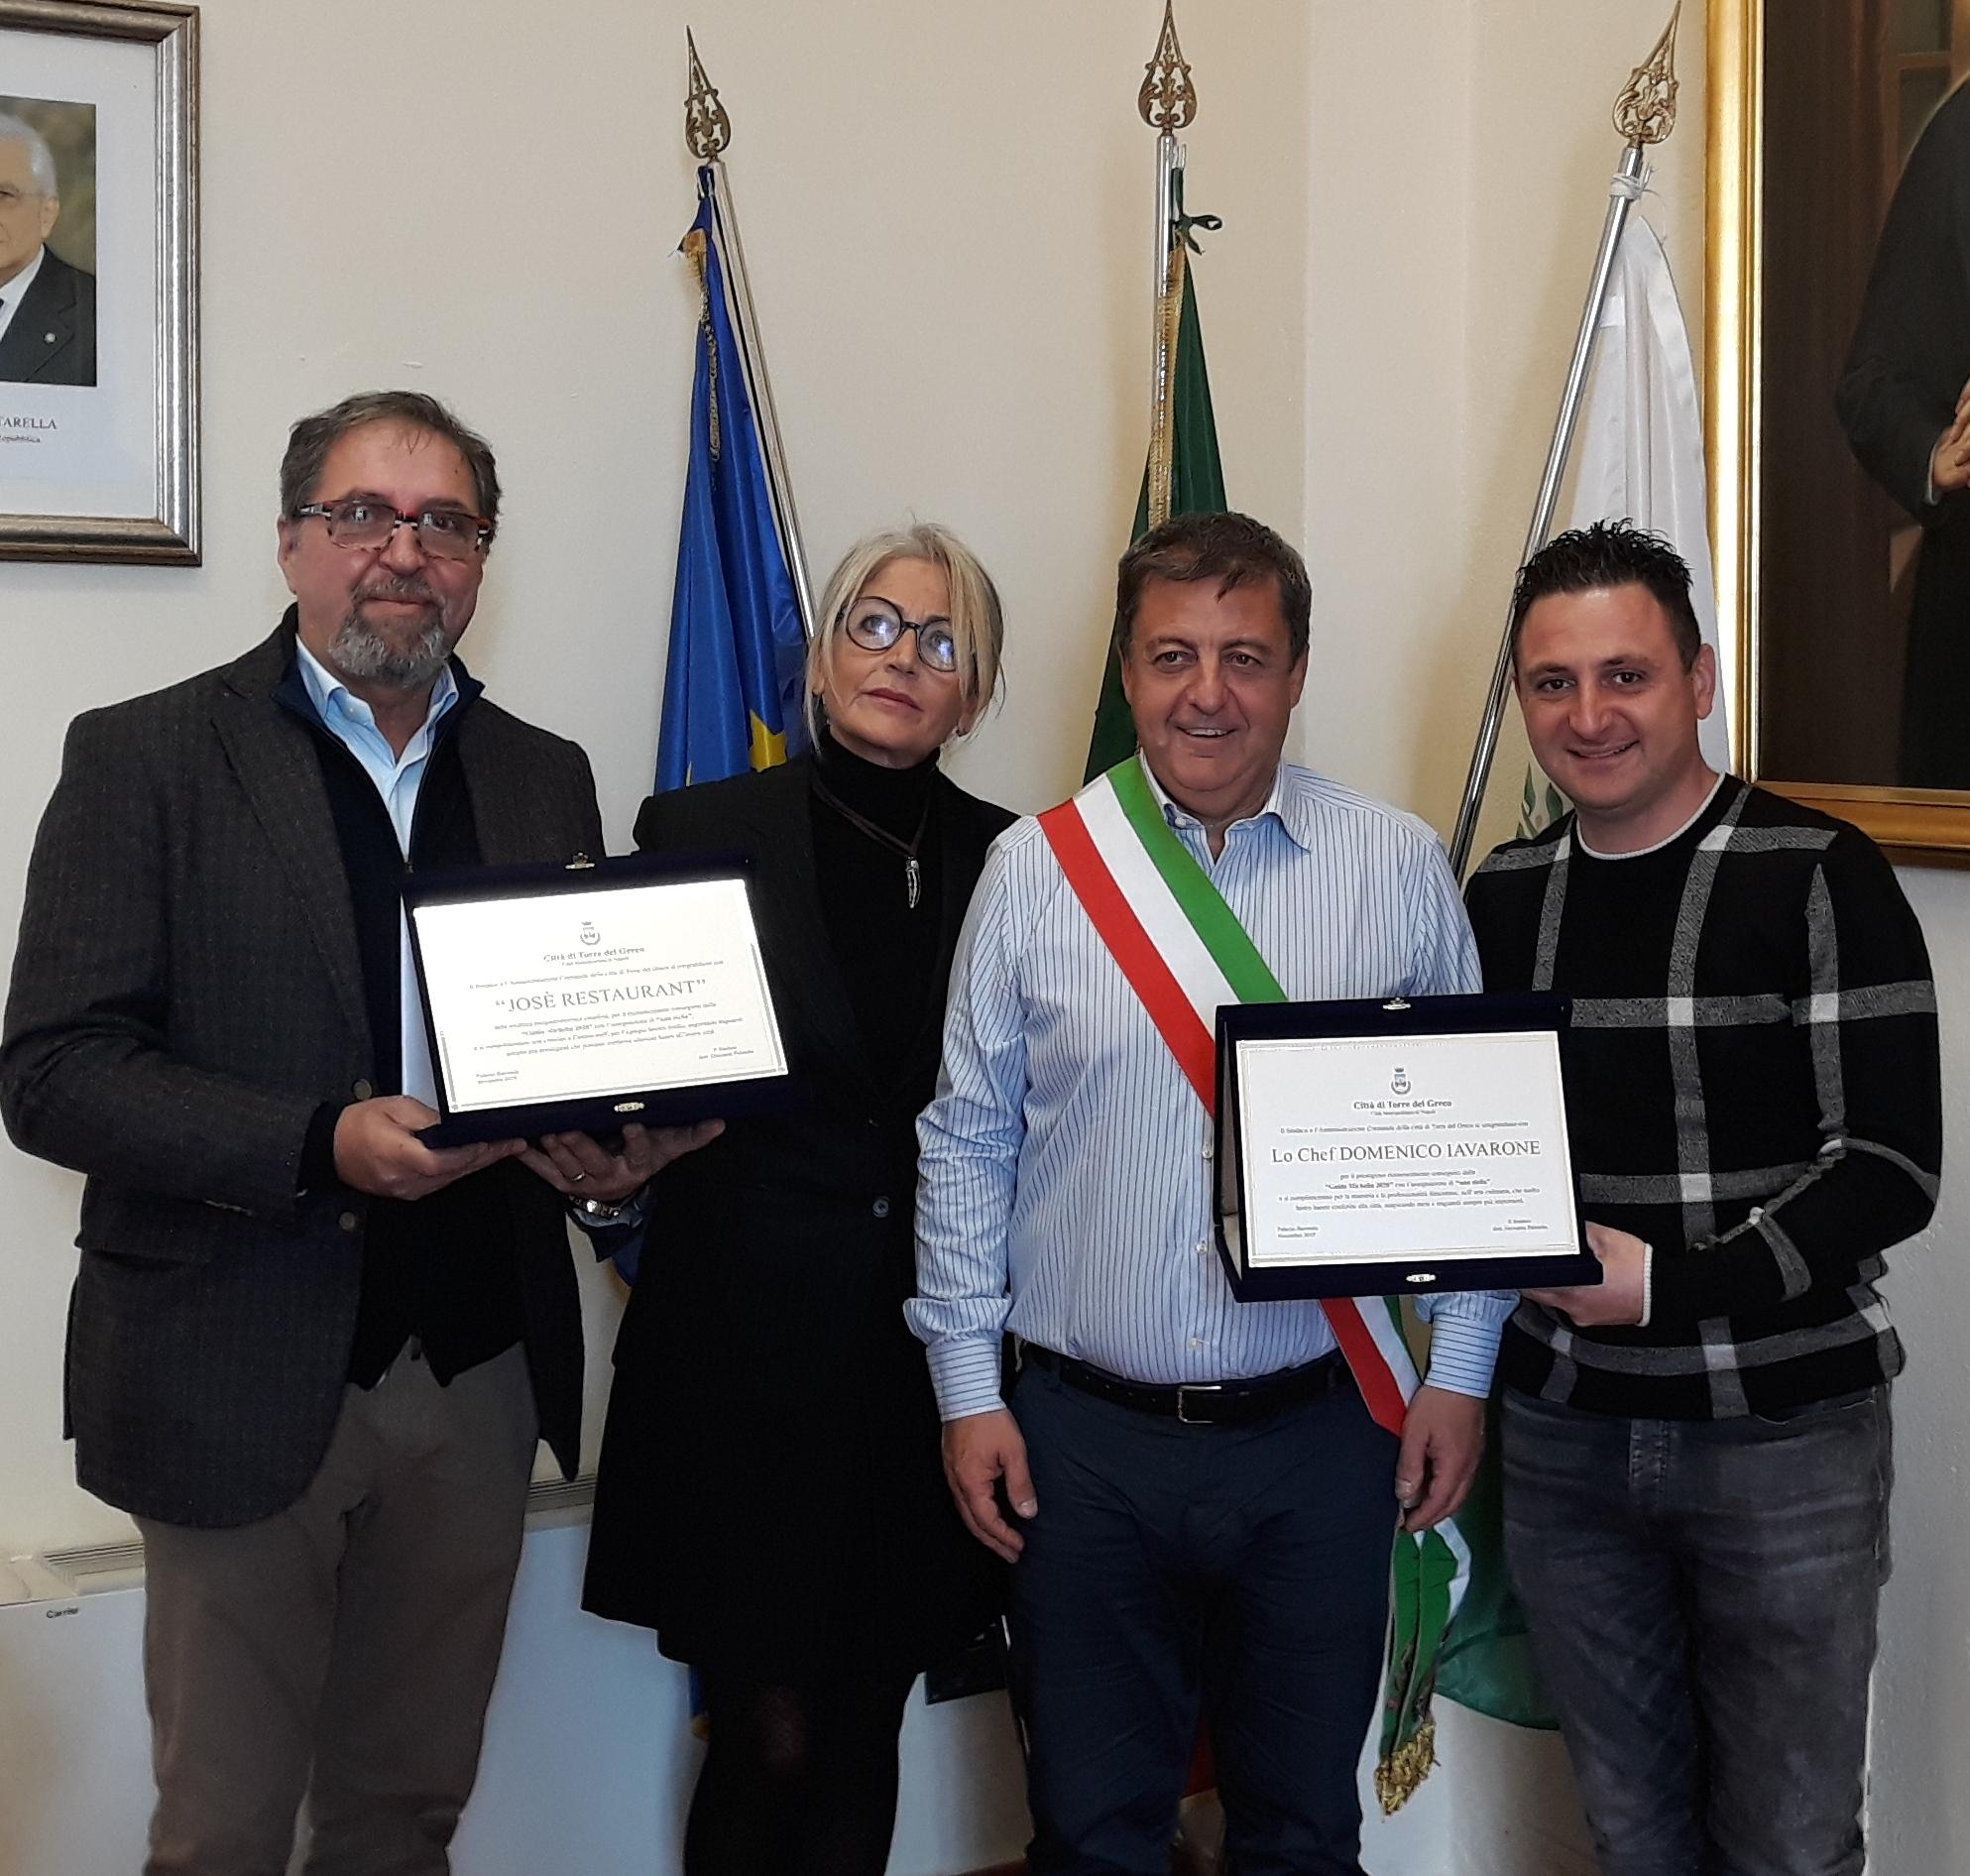 Il sindaco premia i titolari e lo chef di José Restaurant per la stella Michelin